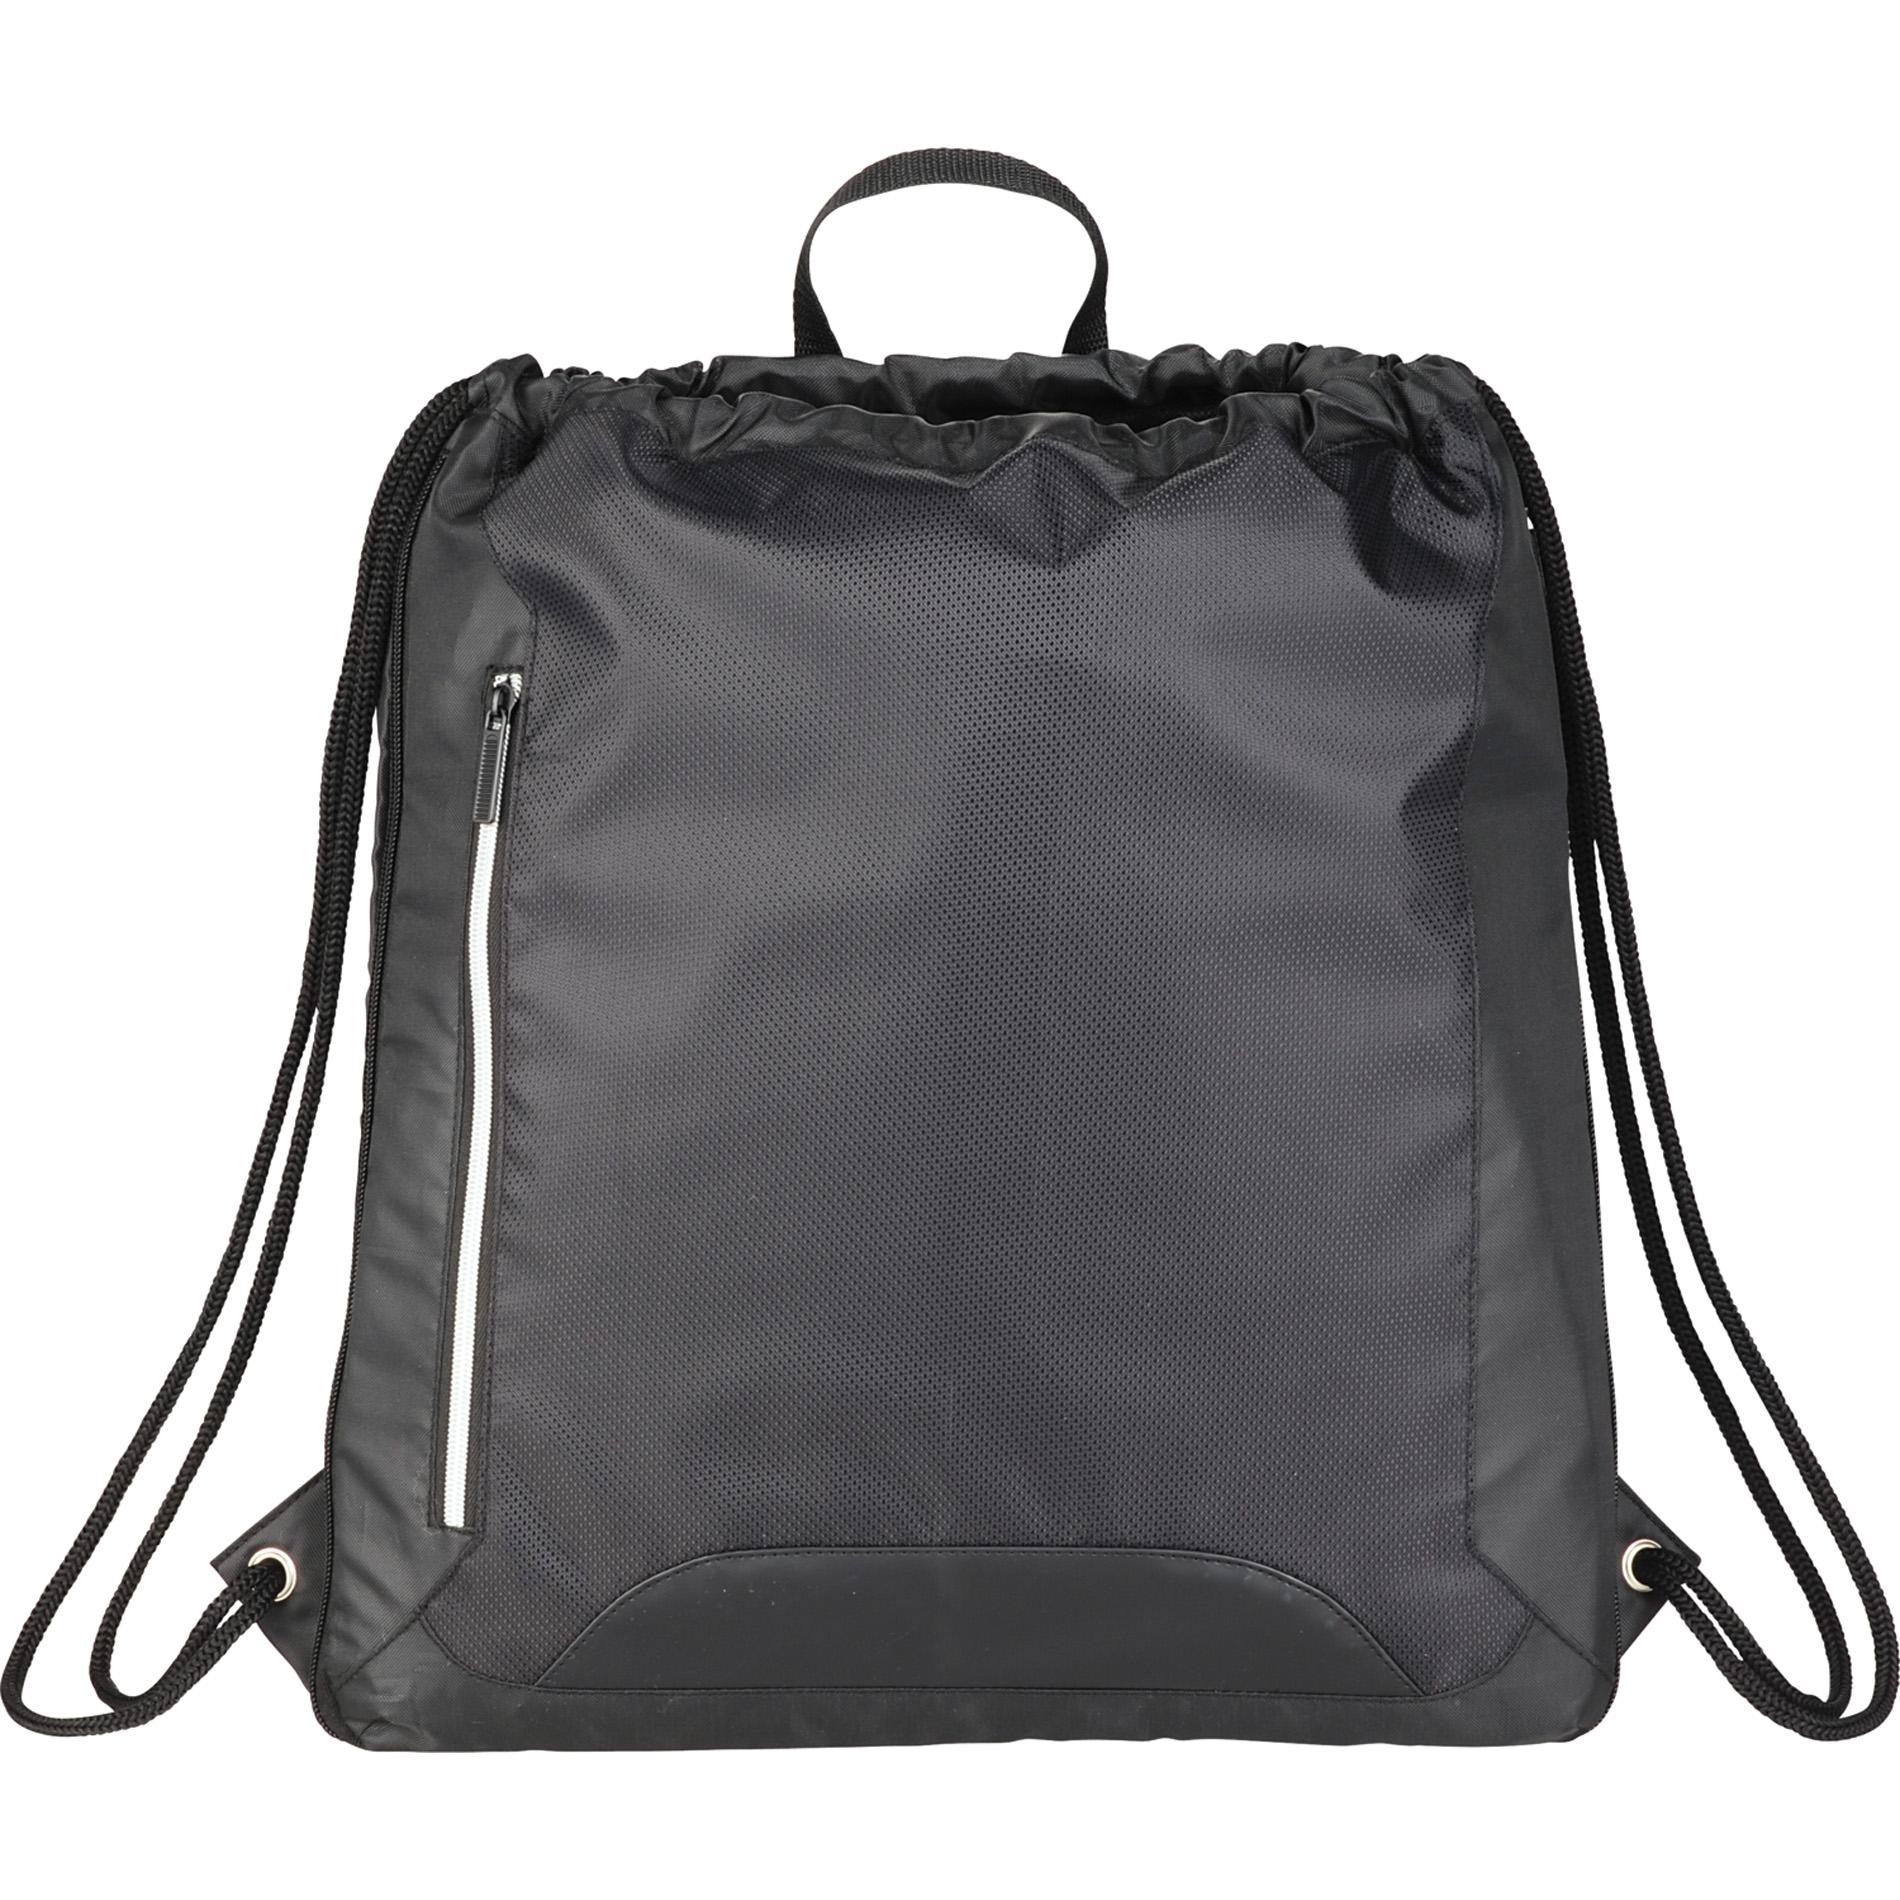 LEEDS 3450-50 - Vault RFID Drawstring Sportspack